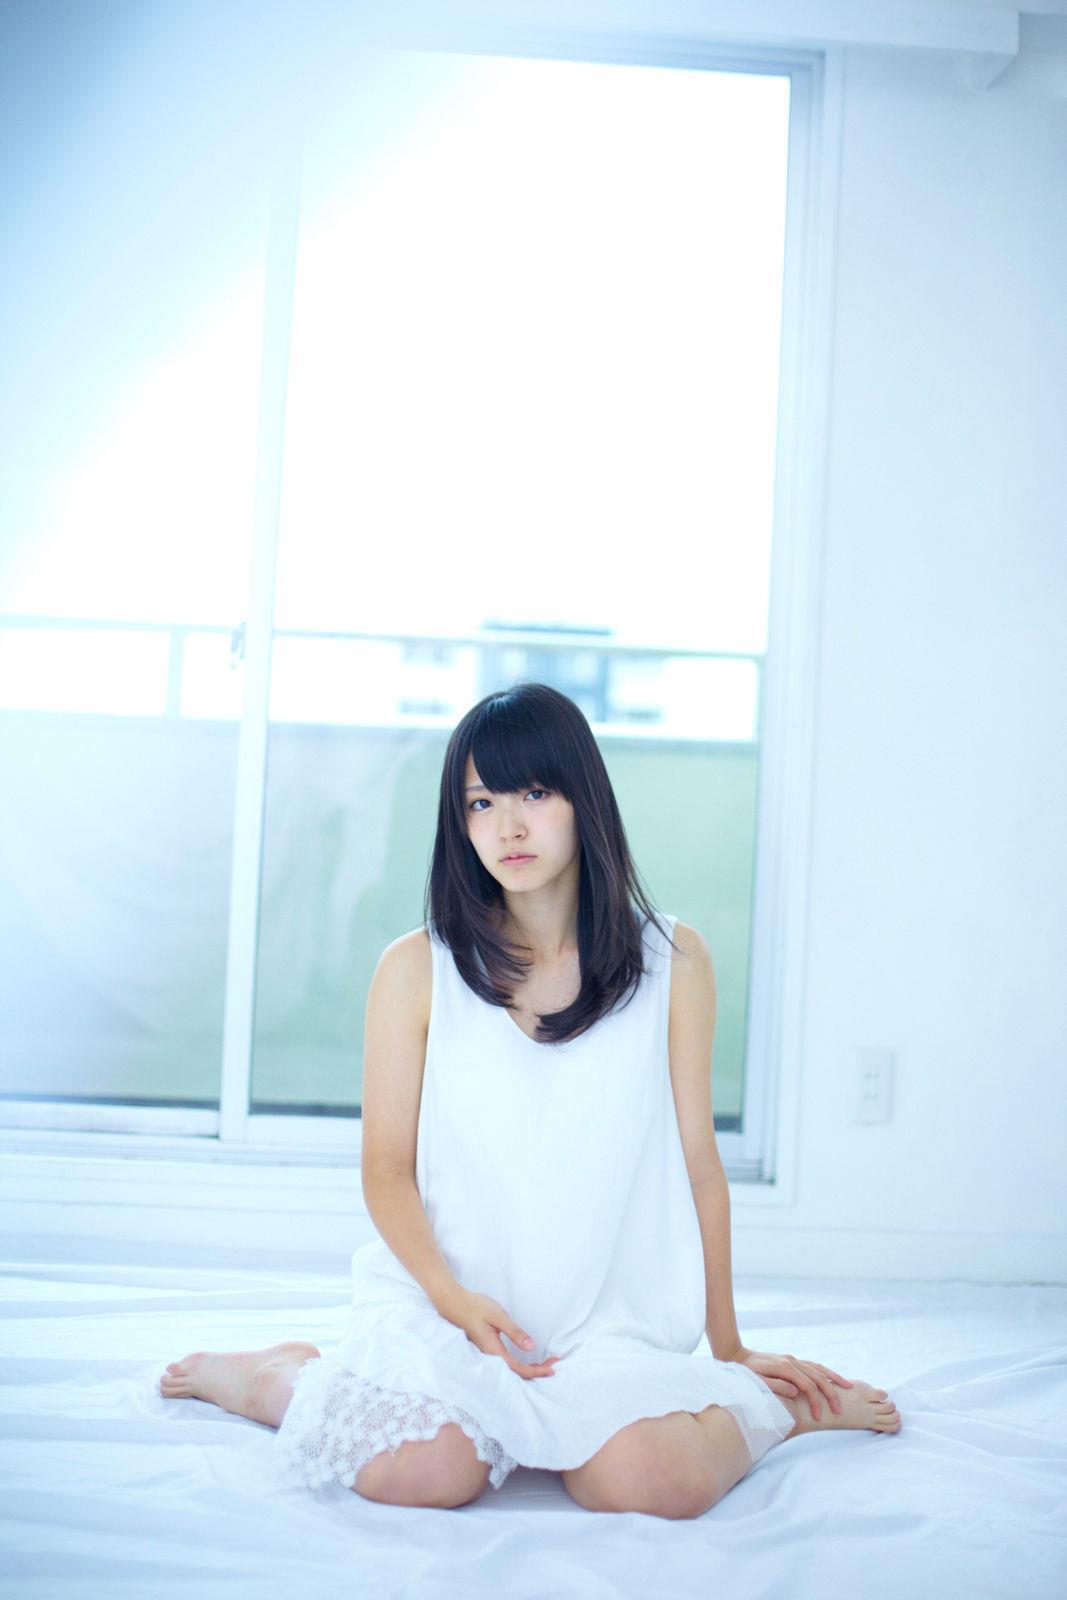 鈴木愛理(℃-ute) セクシー画像 32